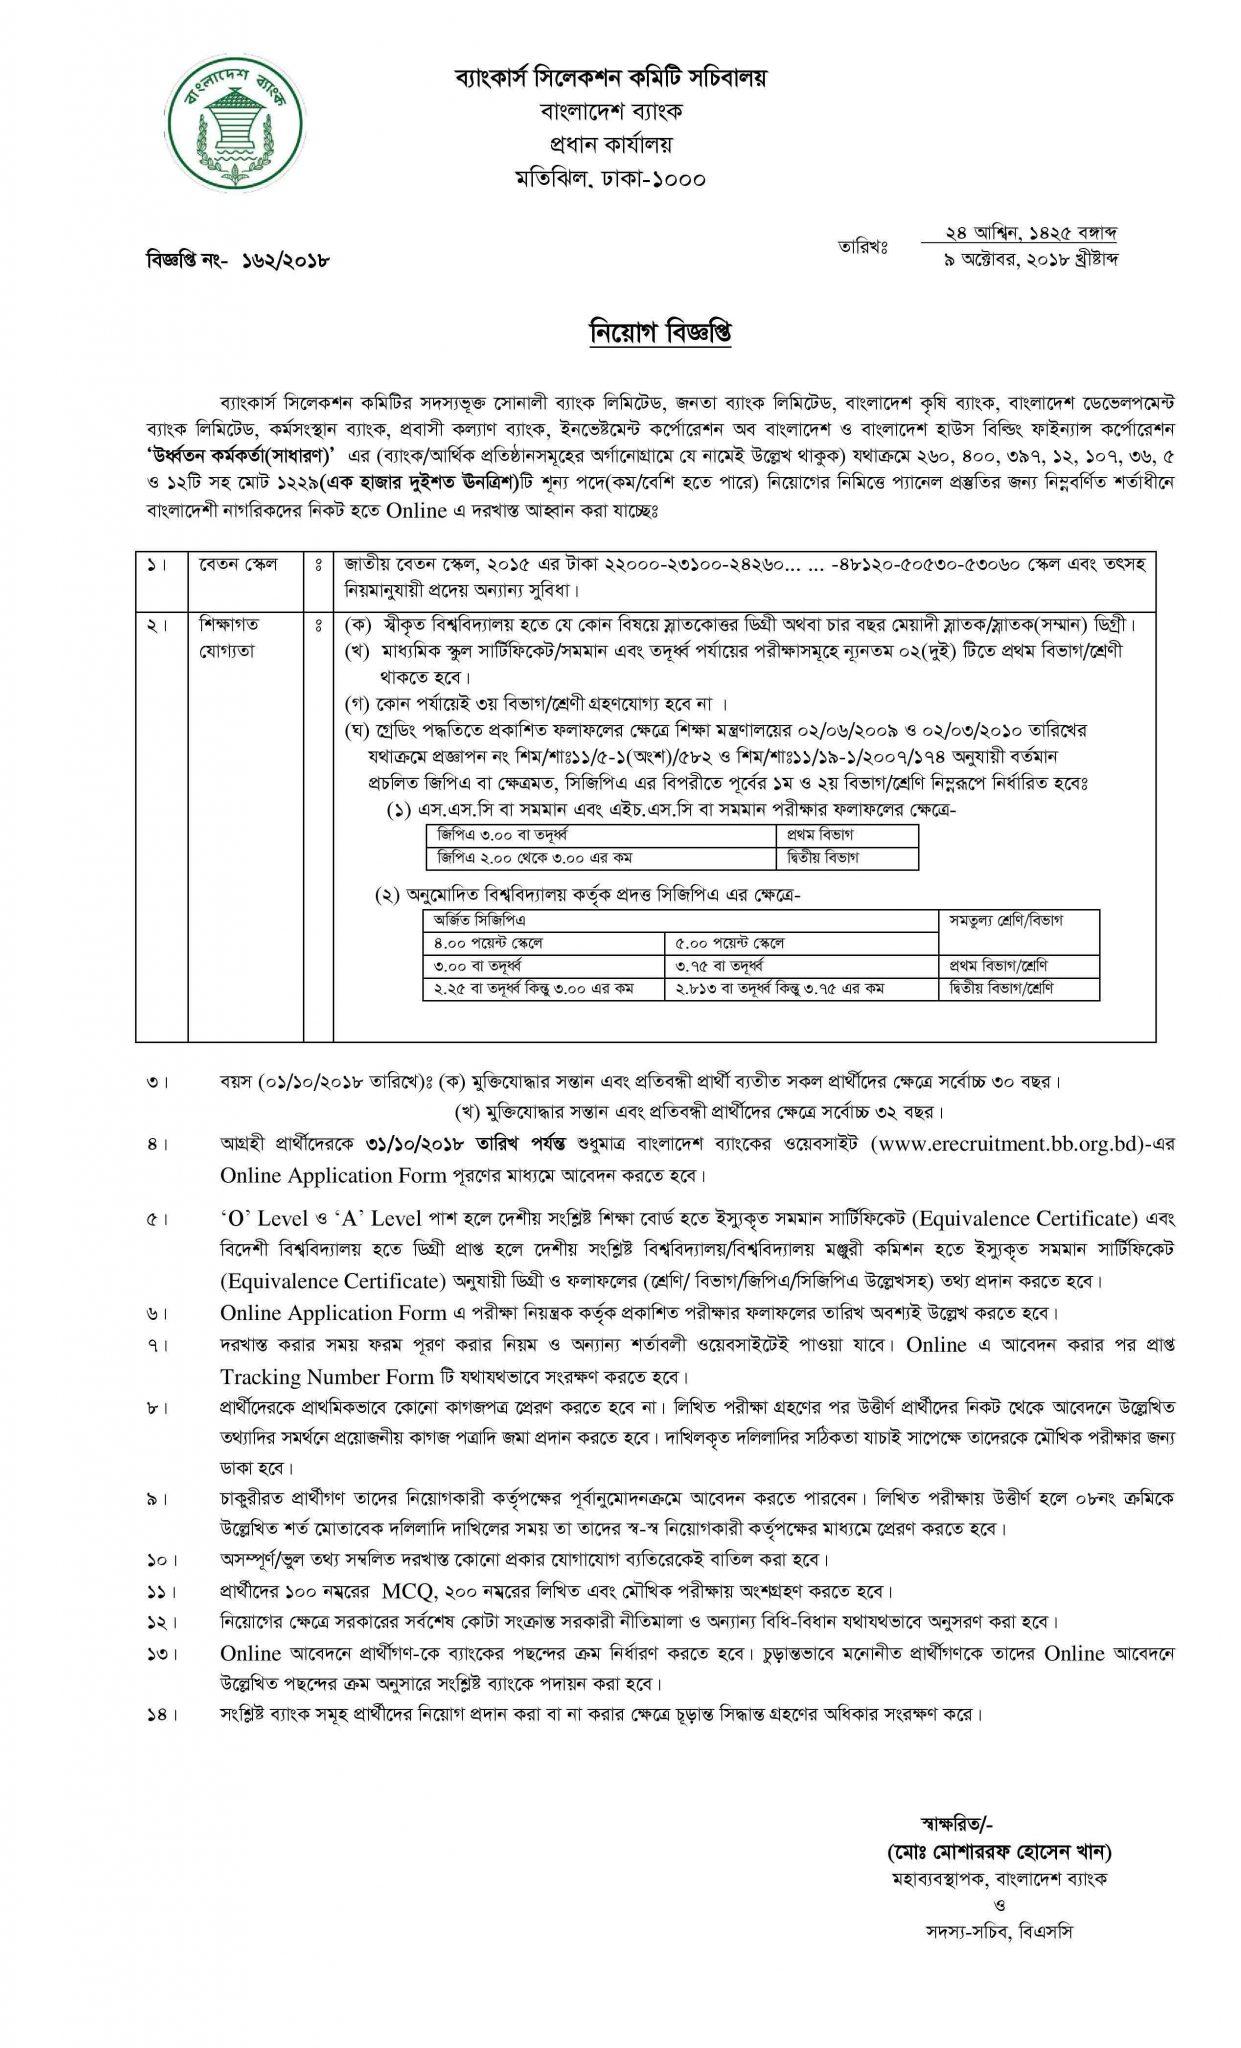 Janata-Bank-Jobs-Circular-2018